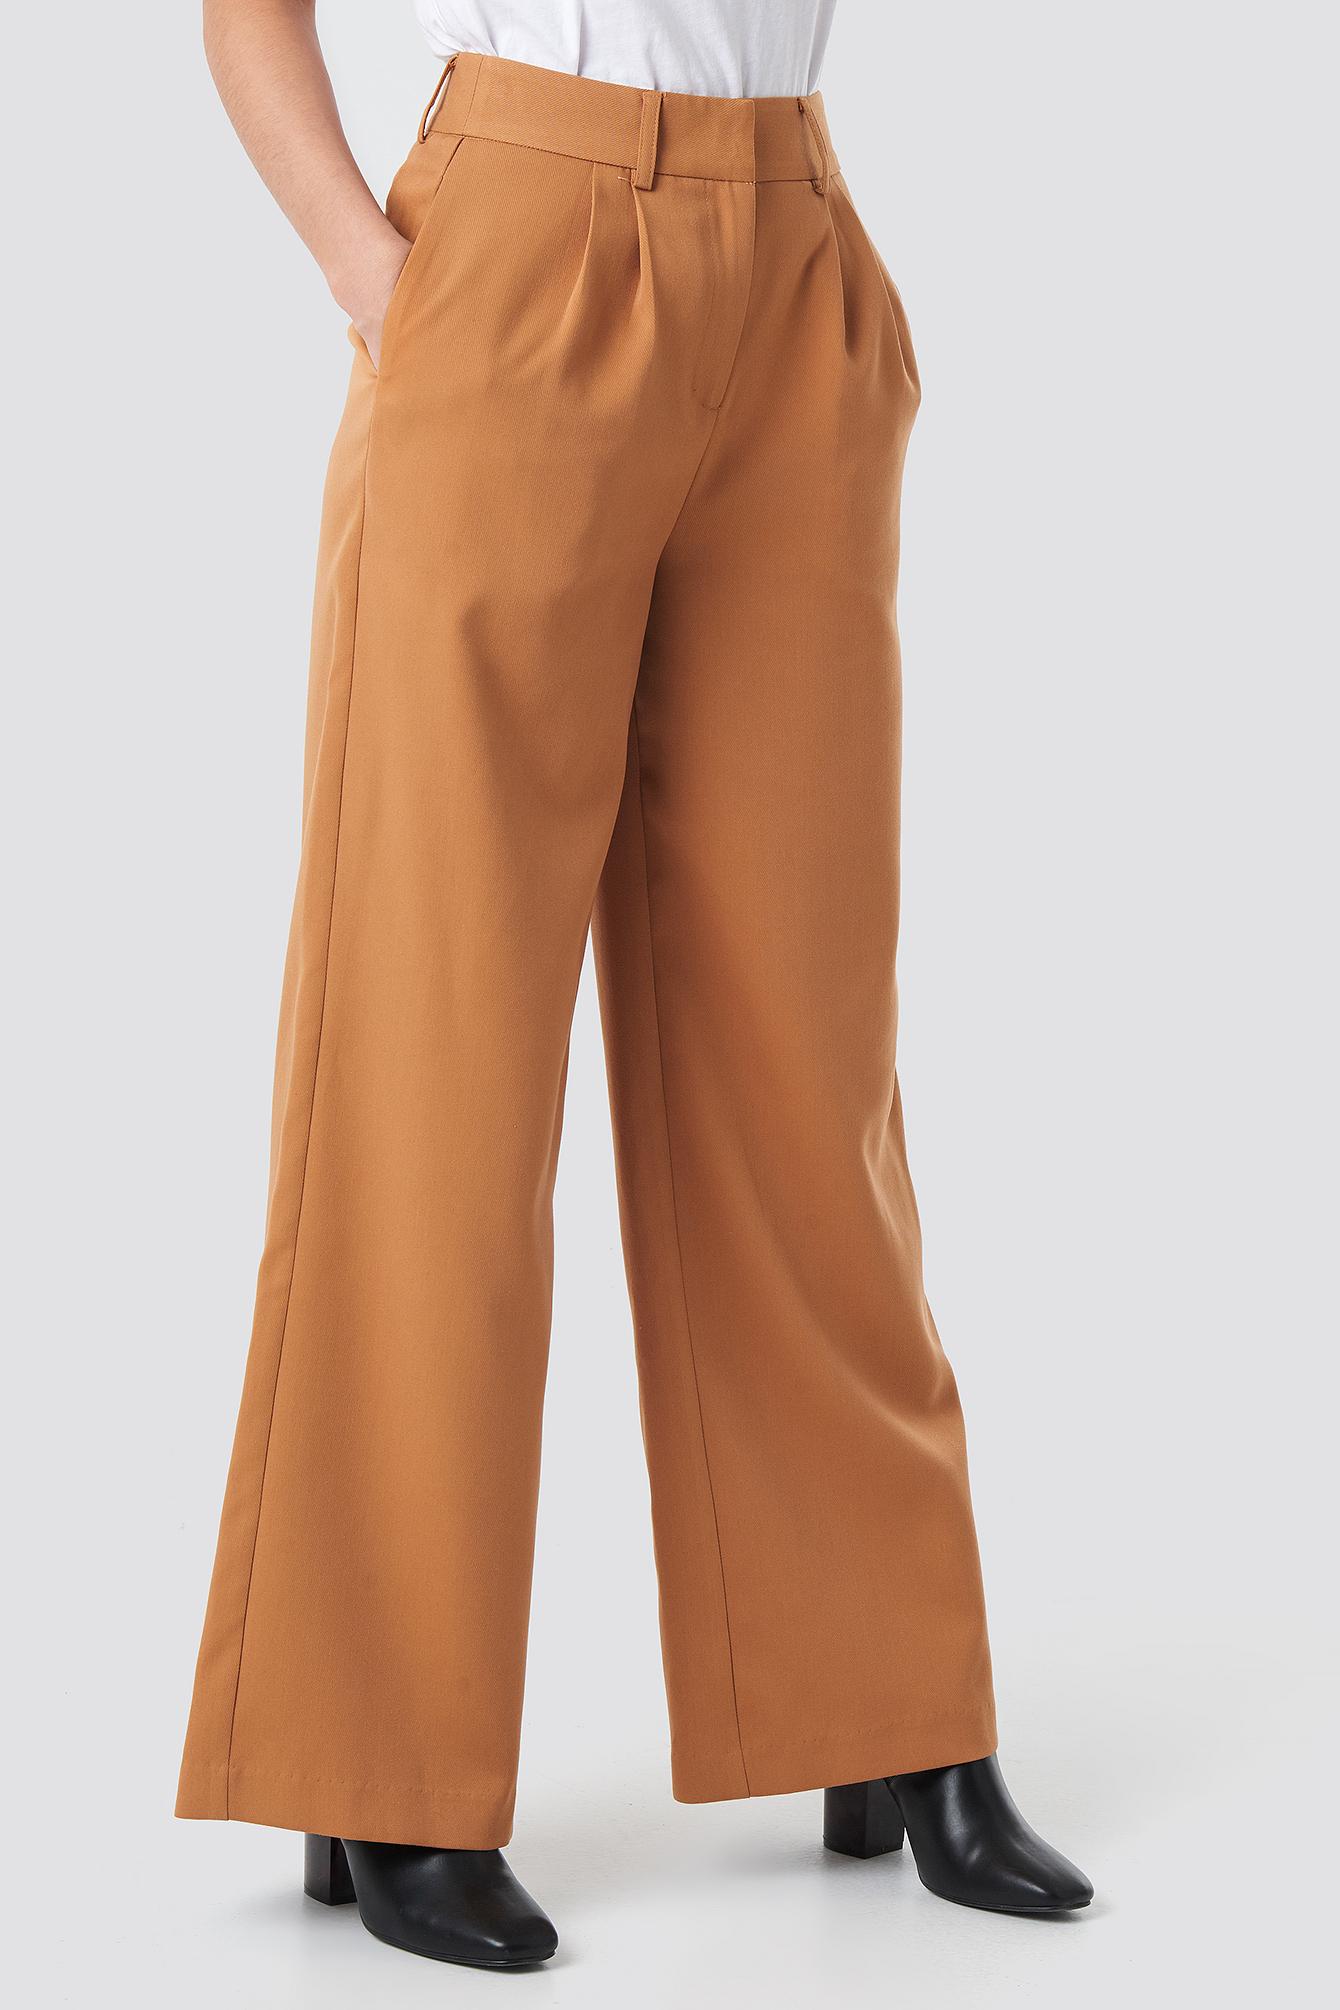 High Waist Flared Suit Pants NA-KD.COM